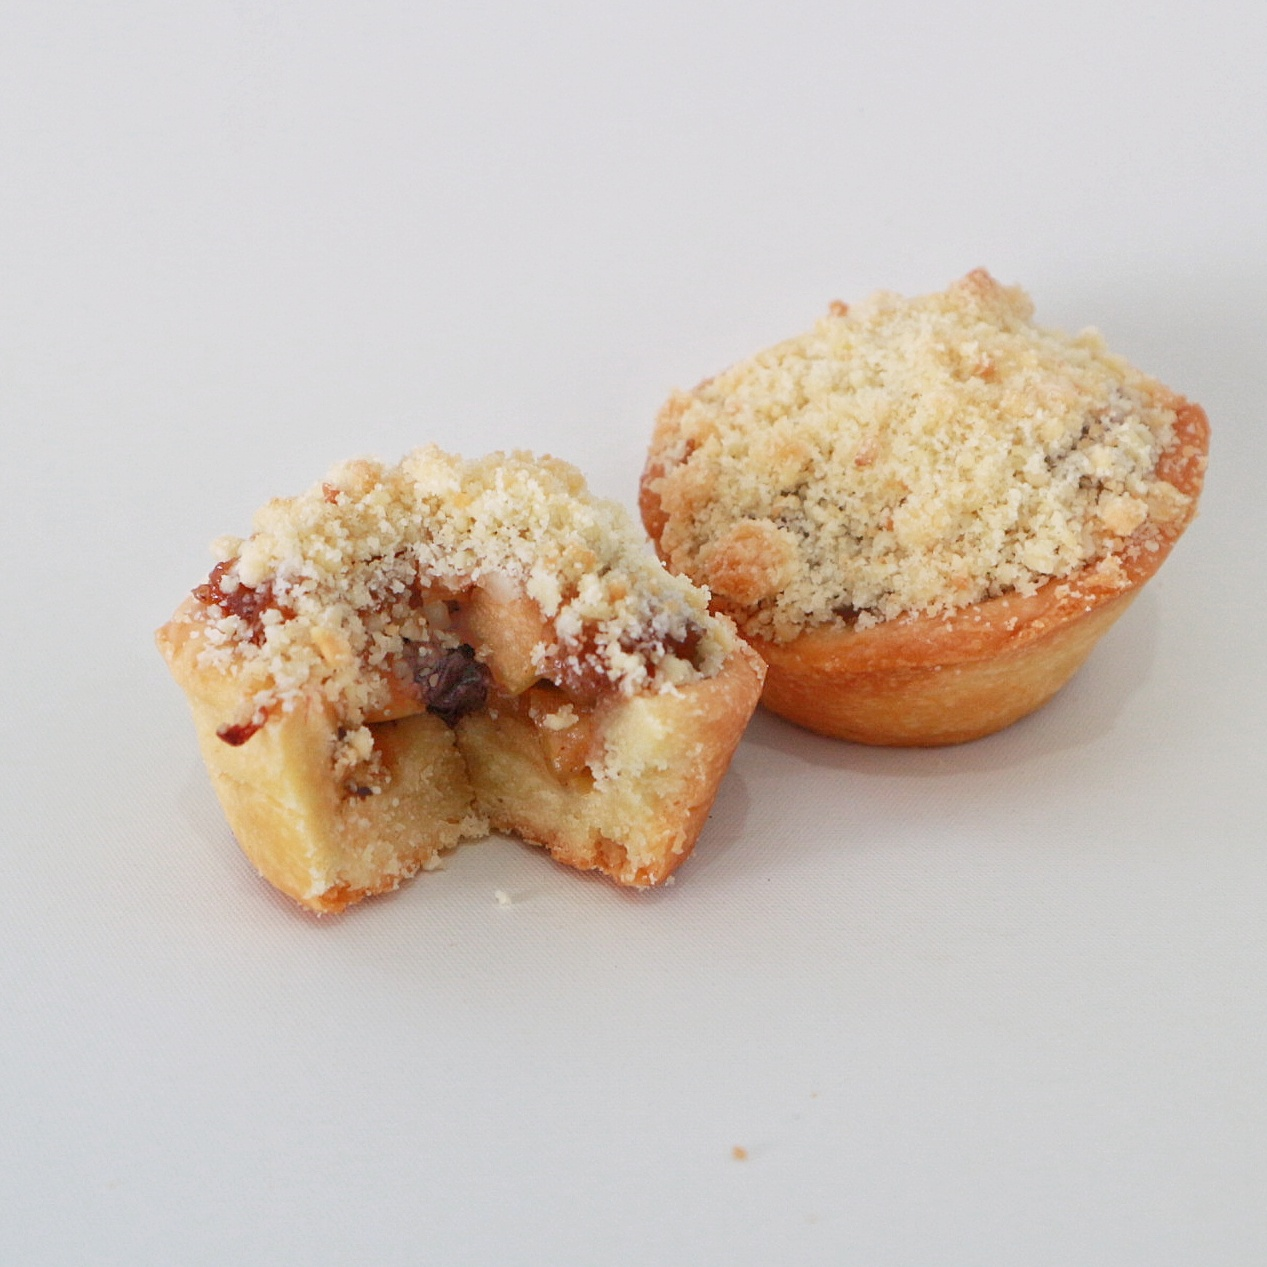 Mini Apple Crumble - Rp. 83.000,- / 12pcs